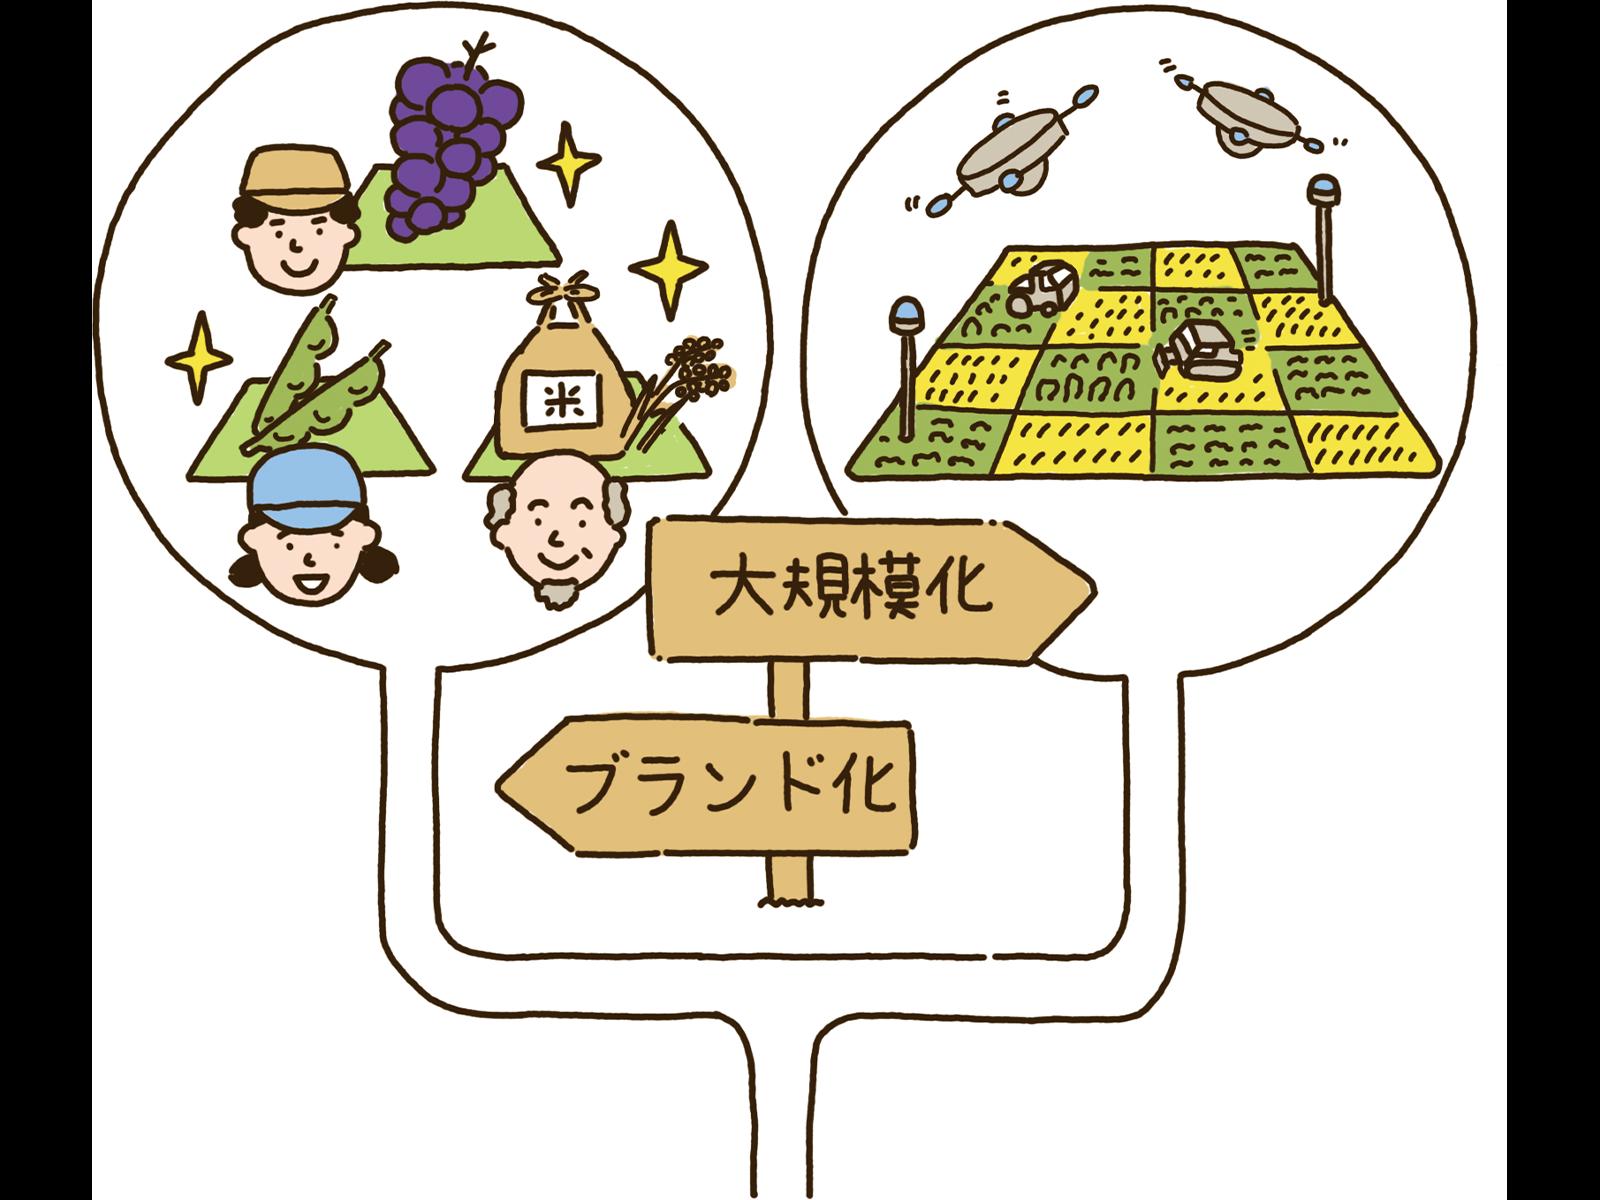 日本の農業はこれからどうなっていくのかな?